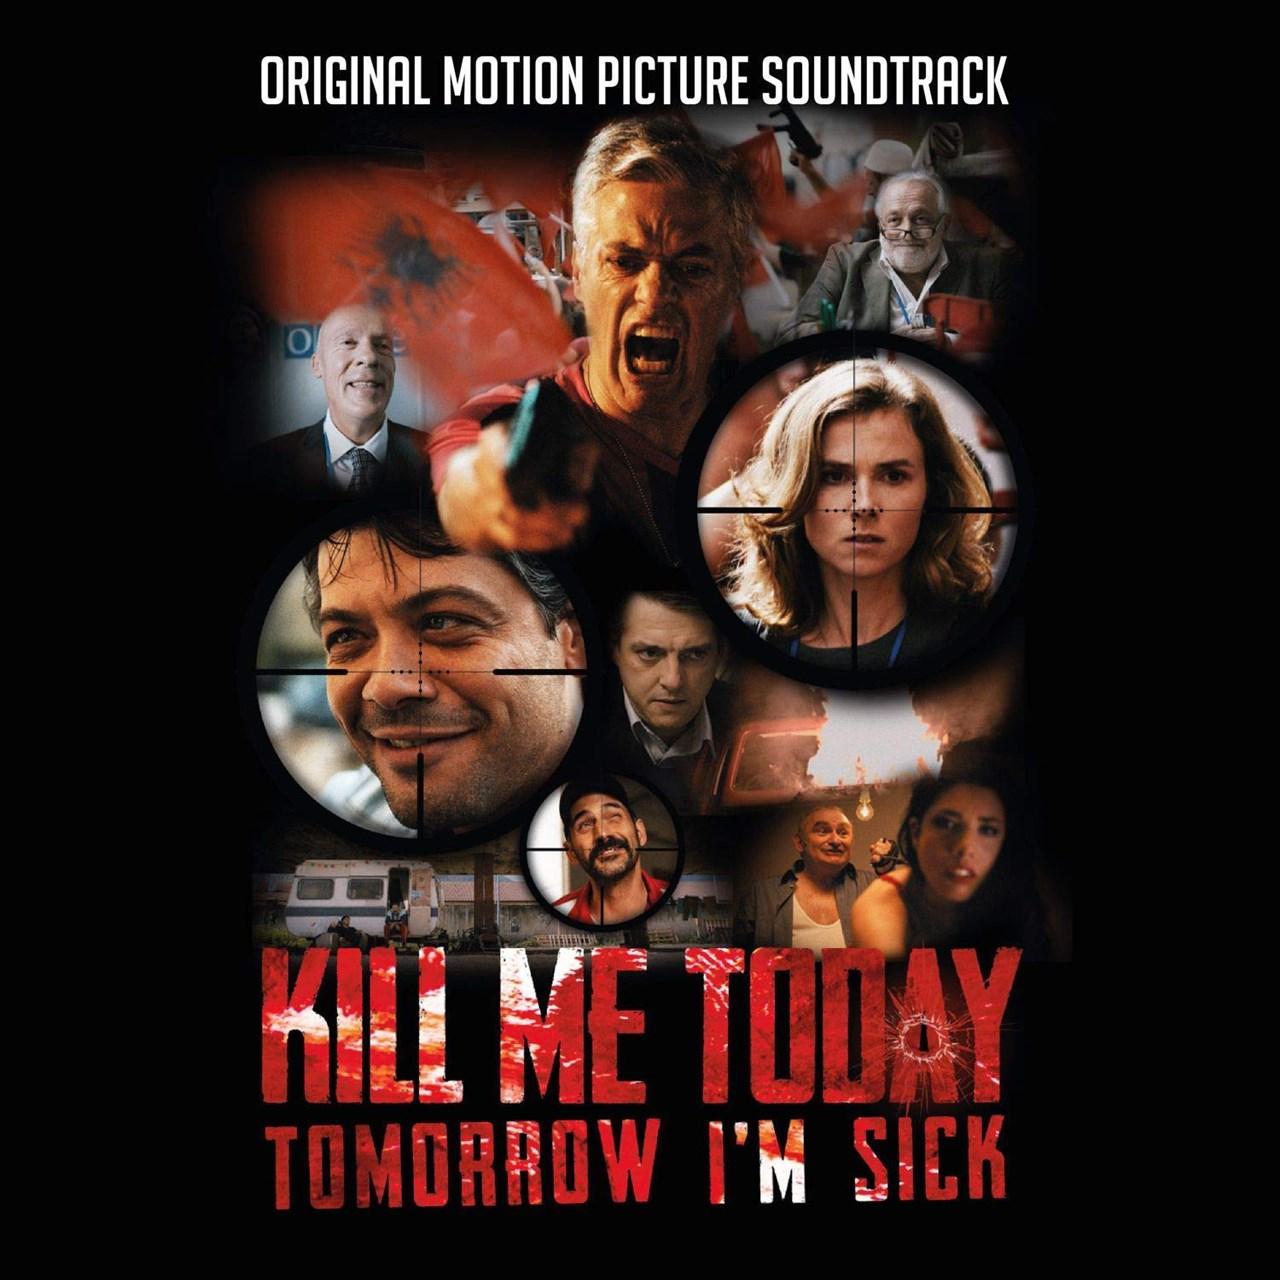 Kill Me Today, Tomorrow I'm Sick - 1